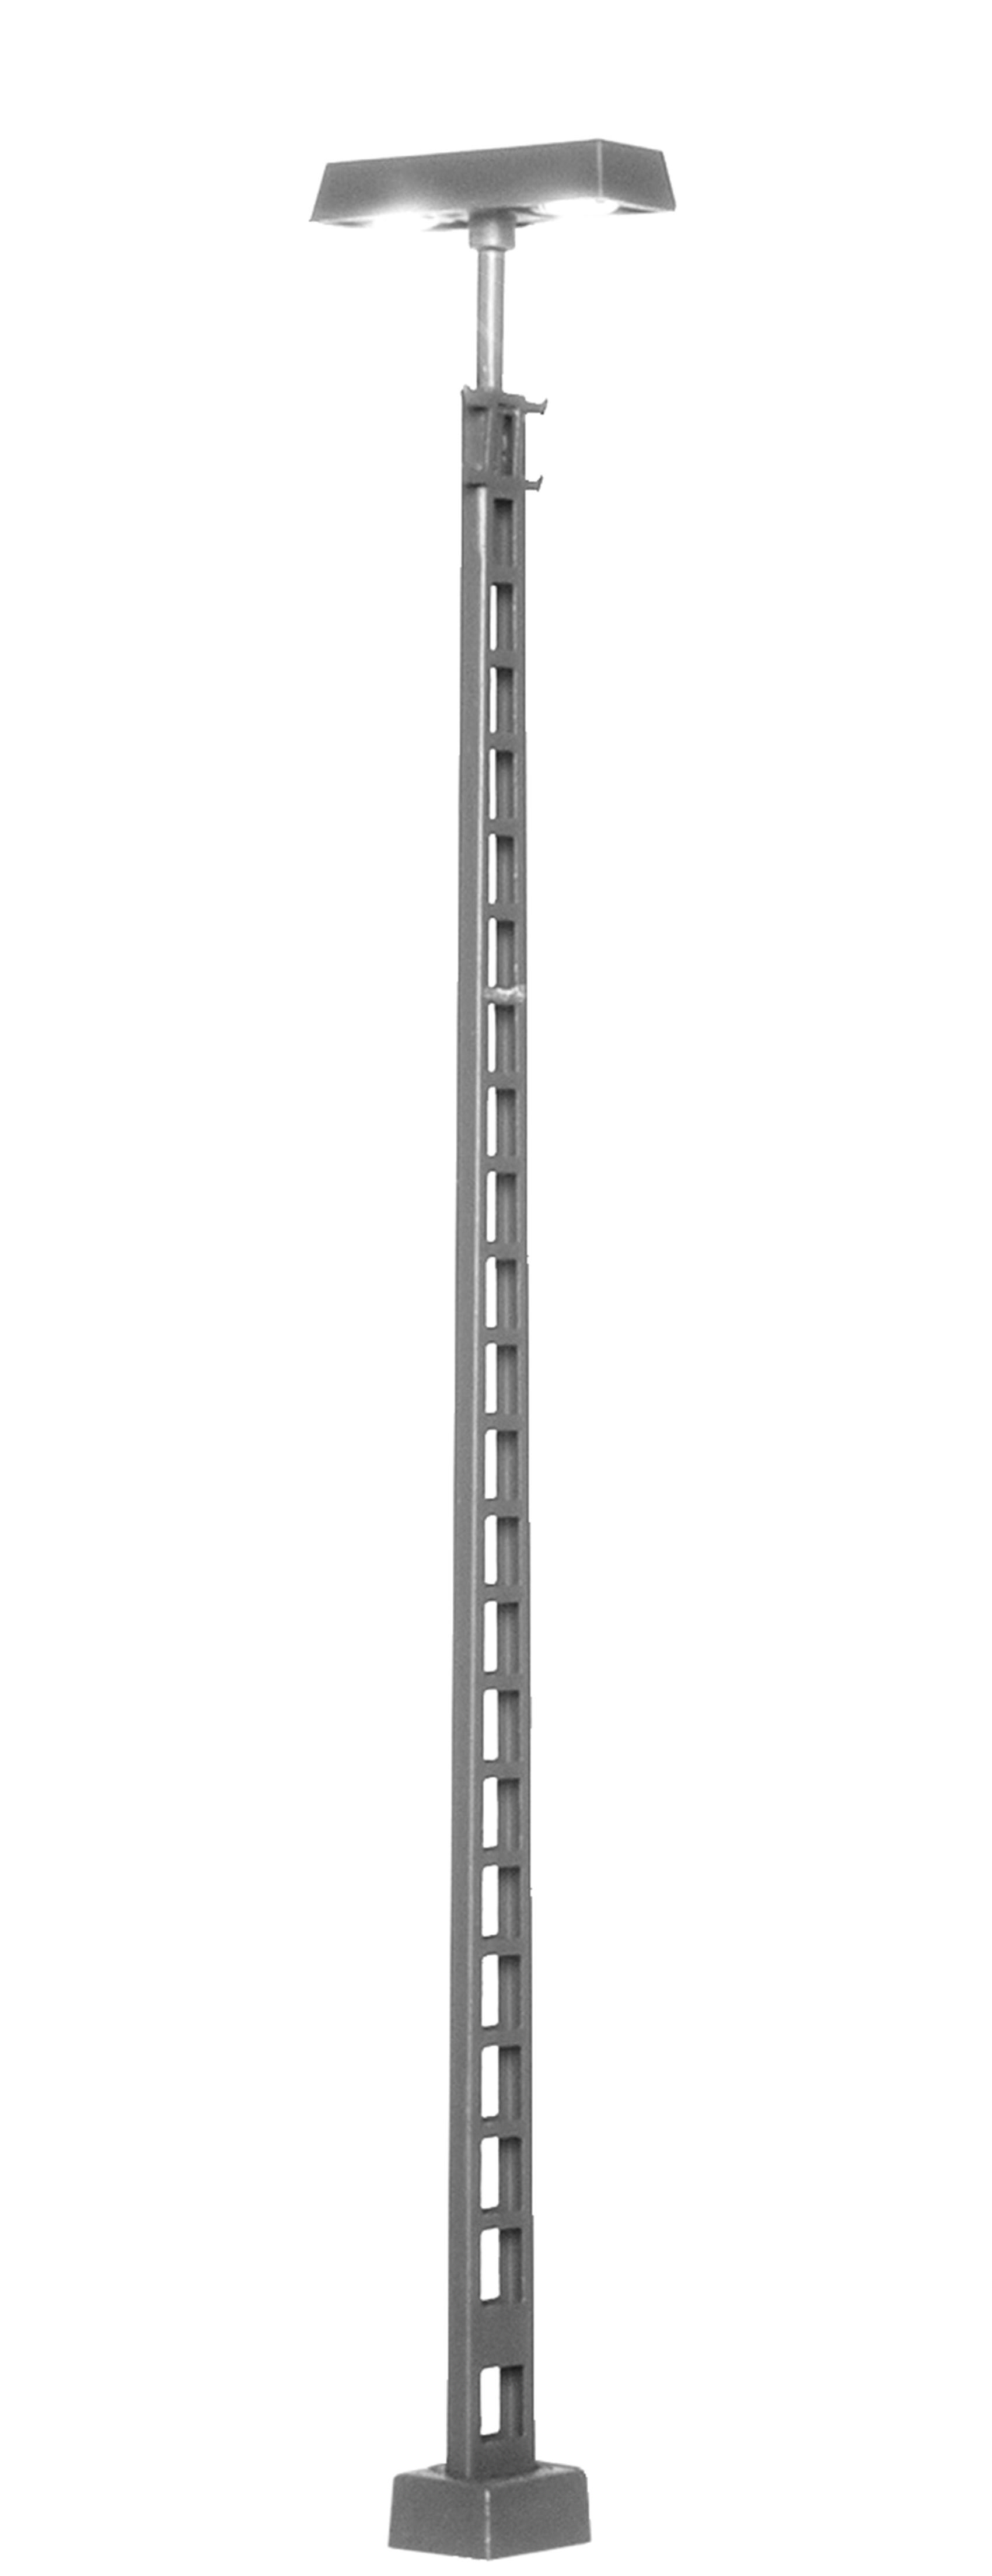 Viessmann 6363 <br/>Gittermast-Leuchte, 124 mm